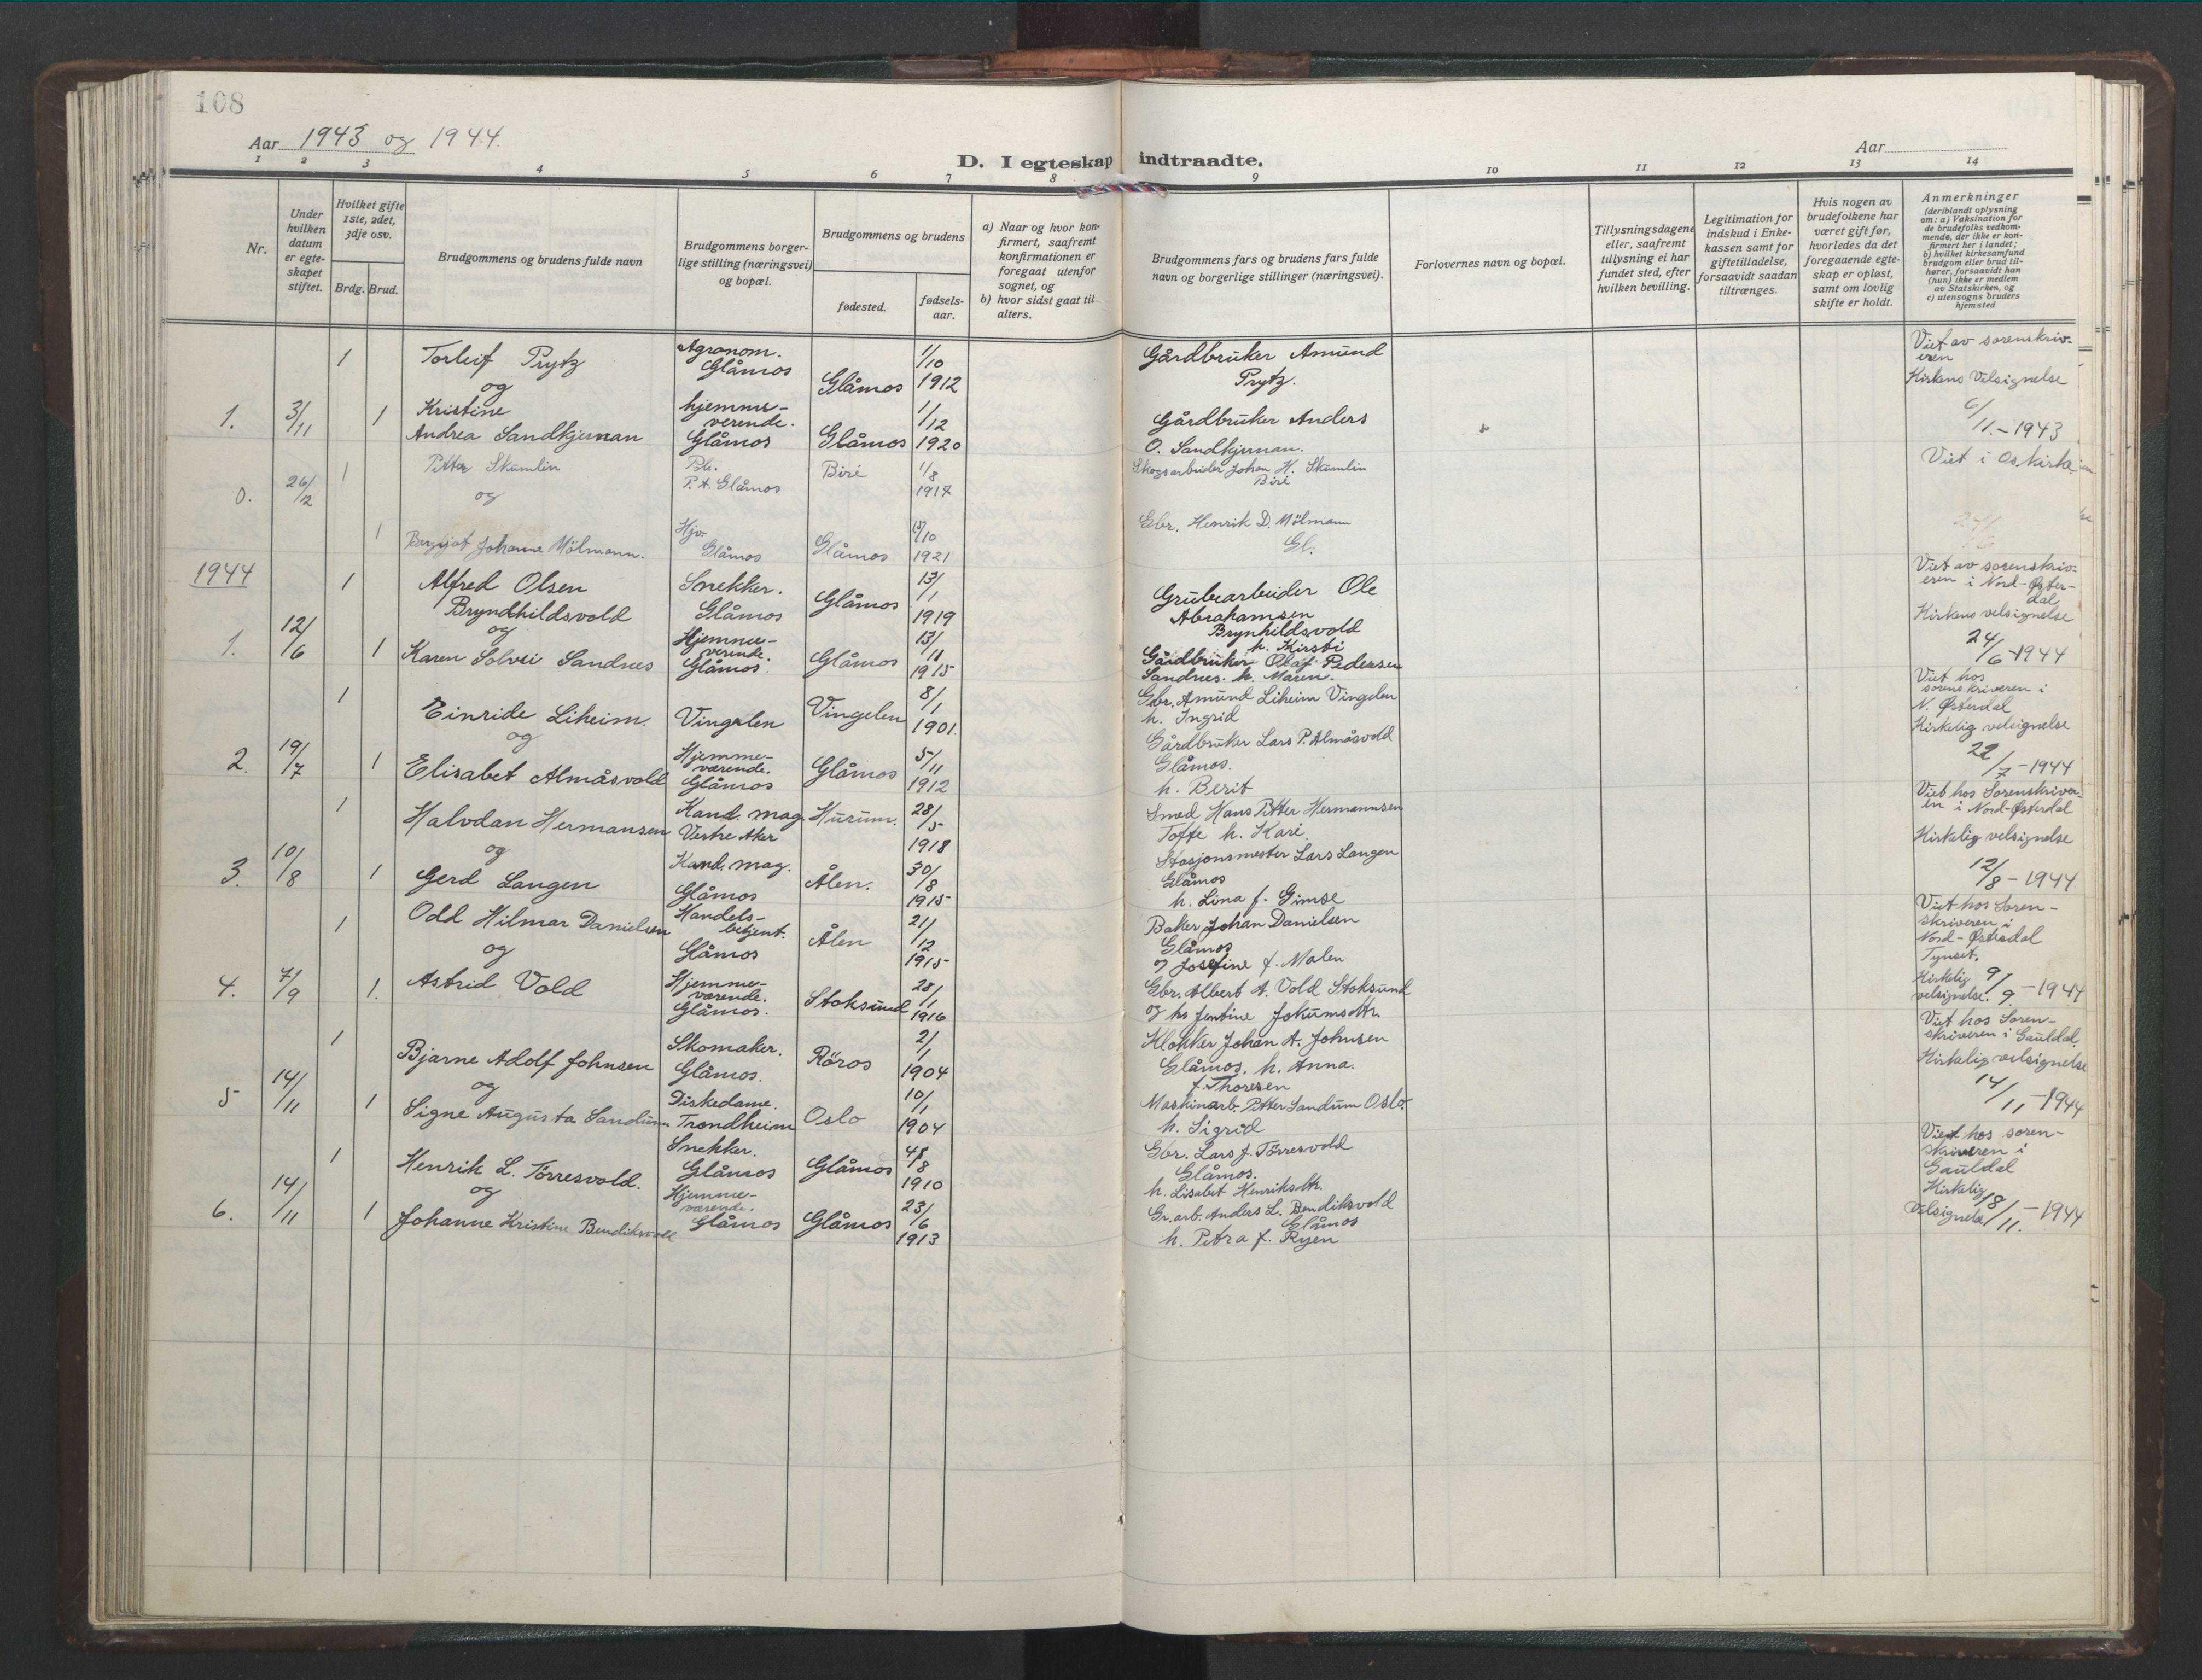 SAT, Ministerialprotokoller, klokkerbøker og fødselsregistre - Sør-Trøndelag, 682/L0947: Klokkerbok nr. 682C01, 1926-1968, s. 108